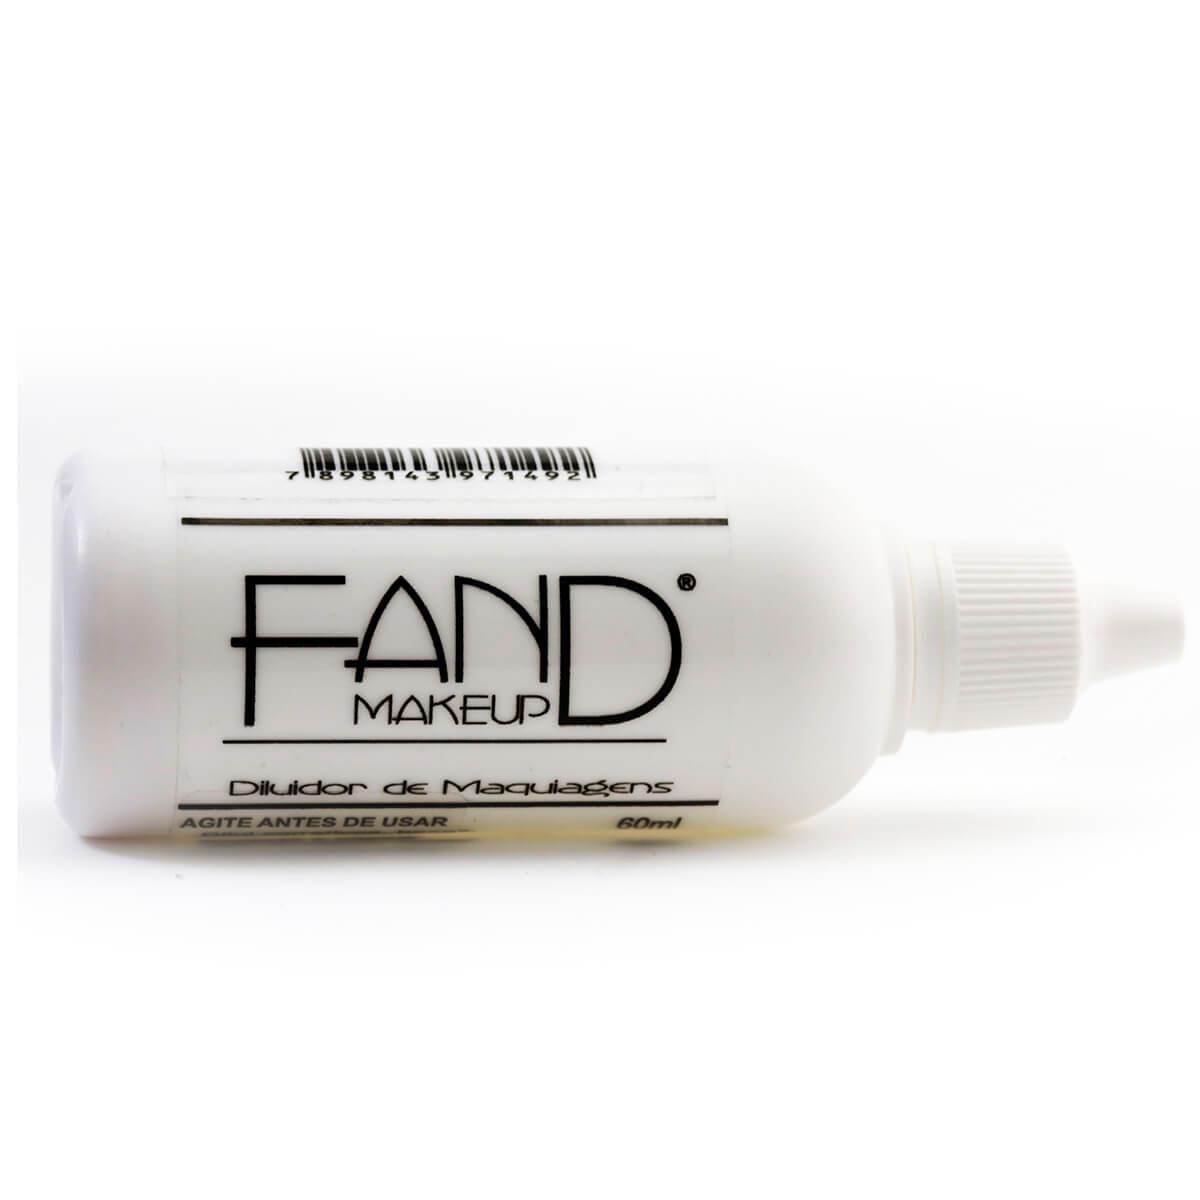 Diluidor de Maquiagens Fand Makeup com 60ml